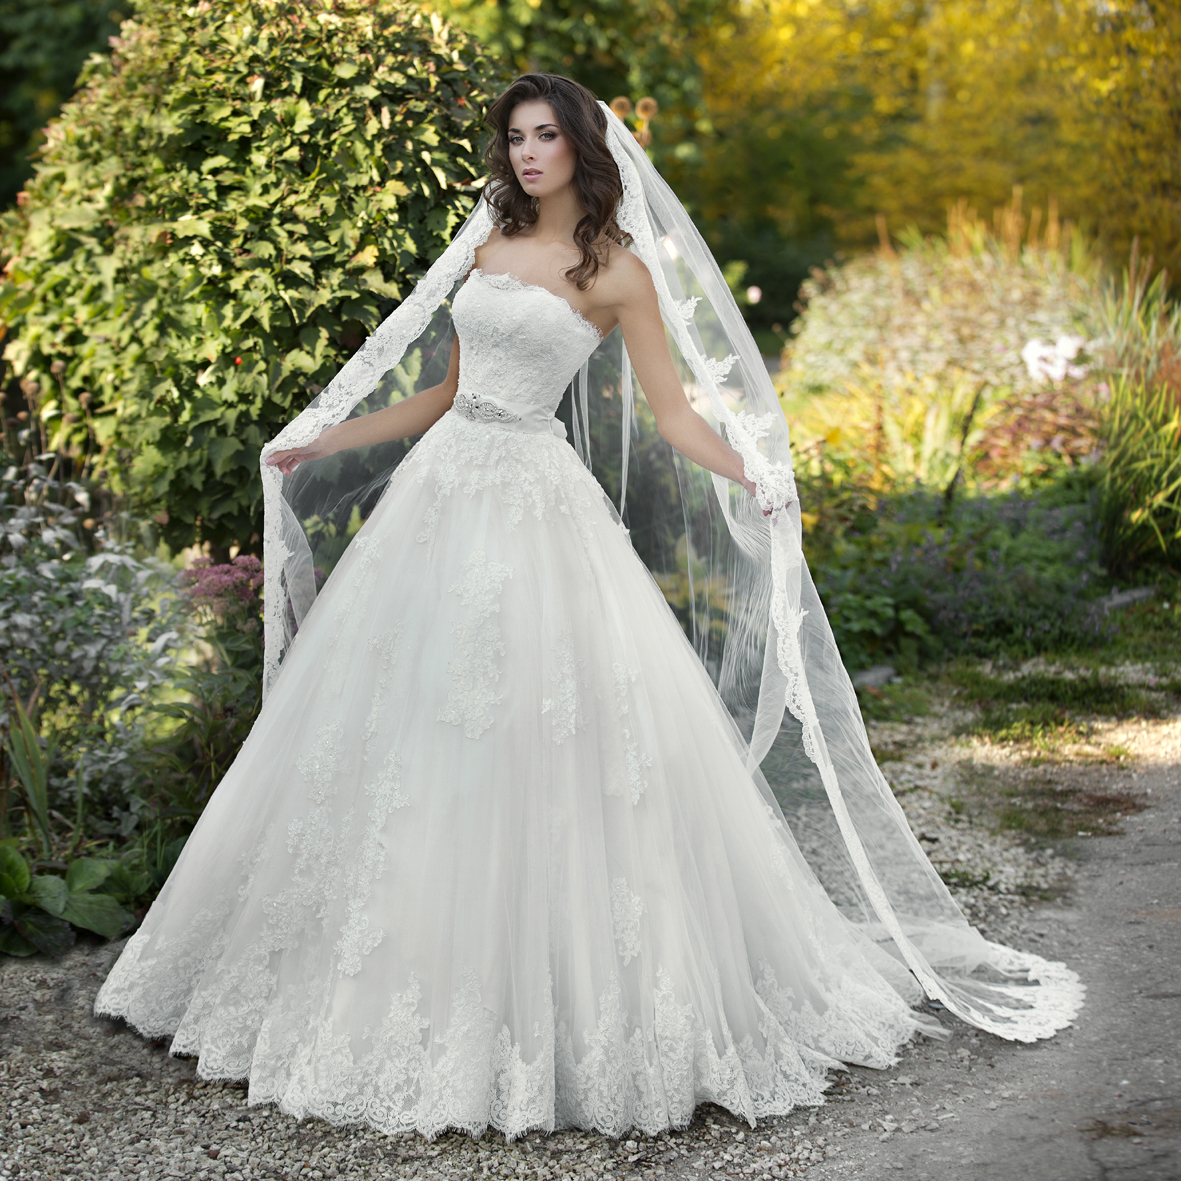 Studio Avalon Jak Snadno A Rychle Vybrat Svatebni Saty Snu Svatba Cz